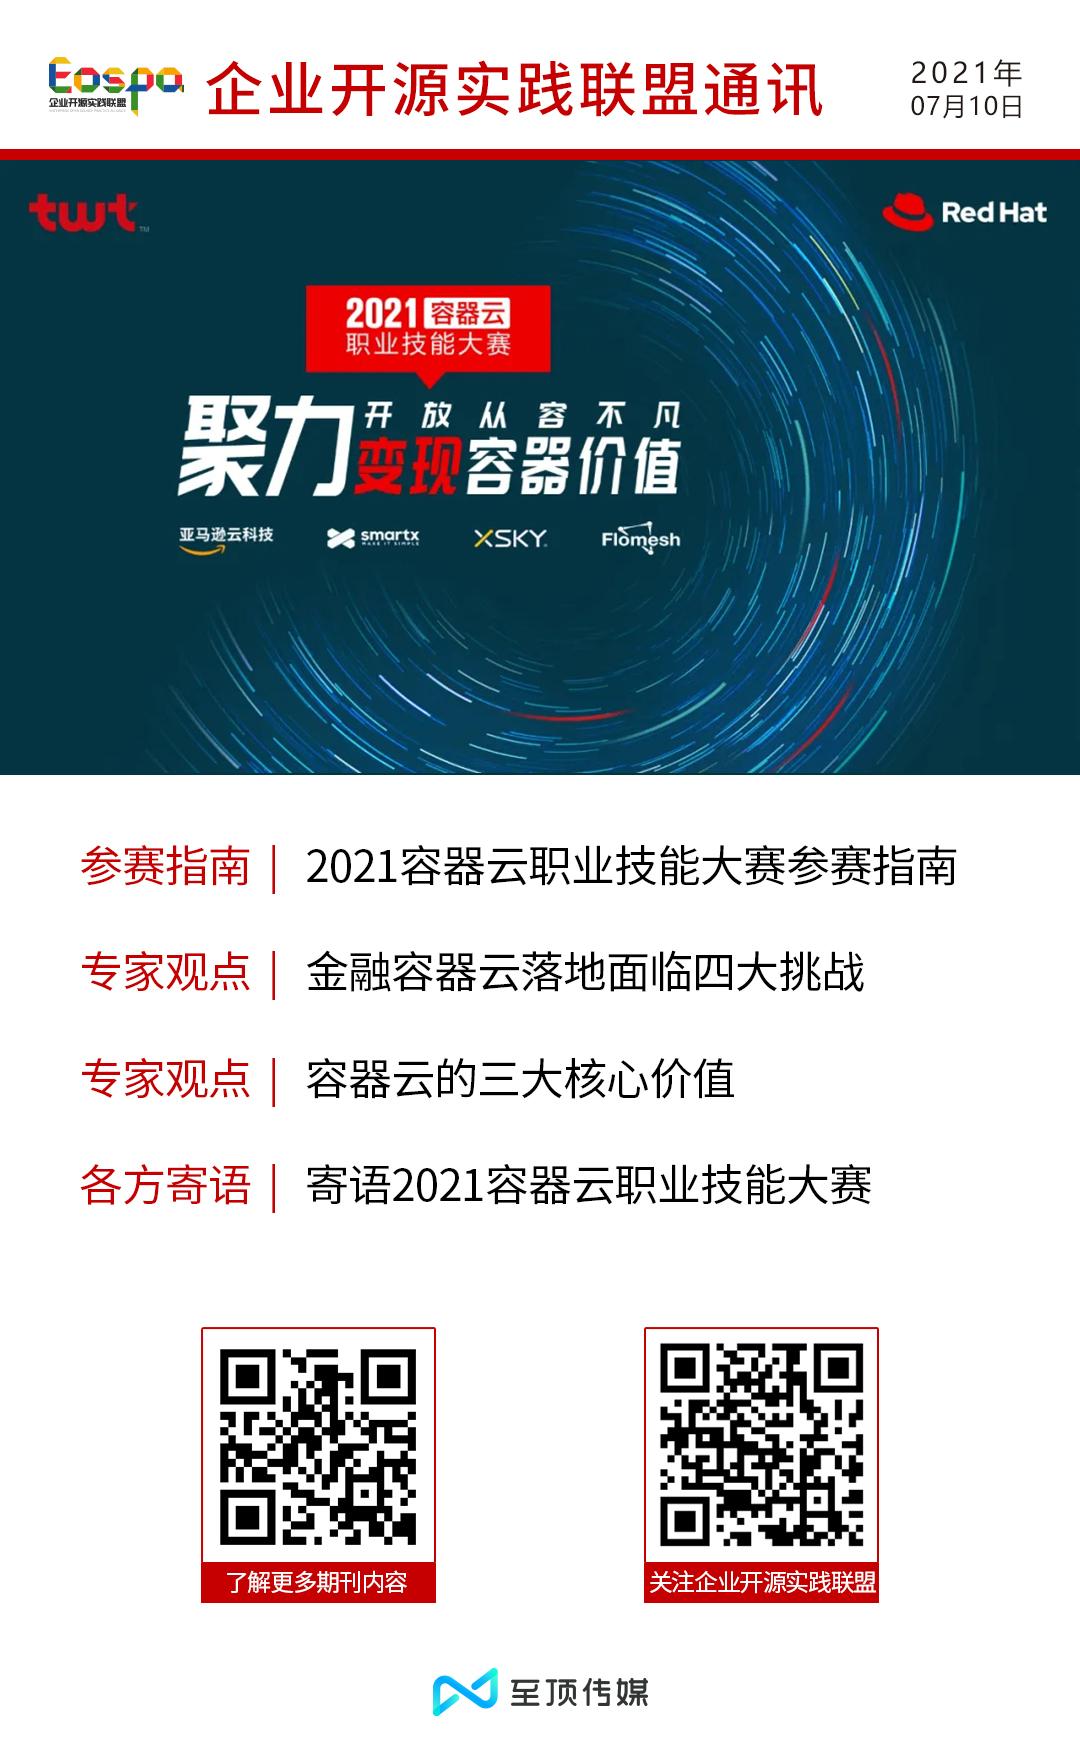 《企业开源实践联盟通讯》第十八期 - 至顶网